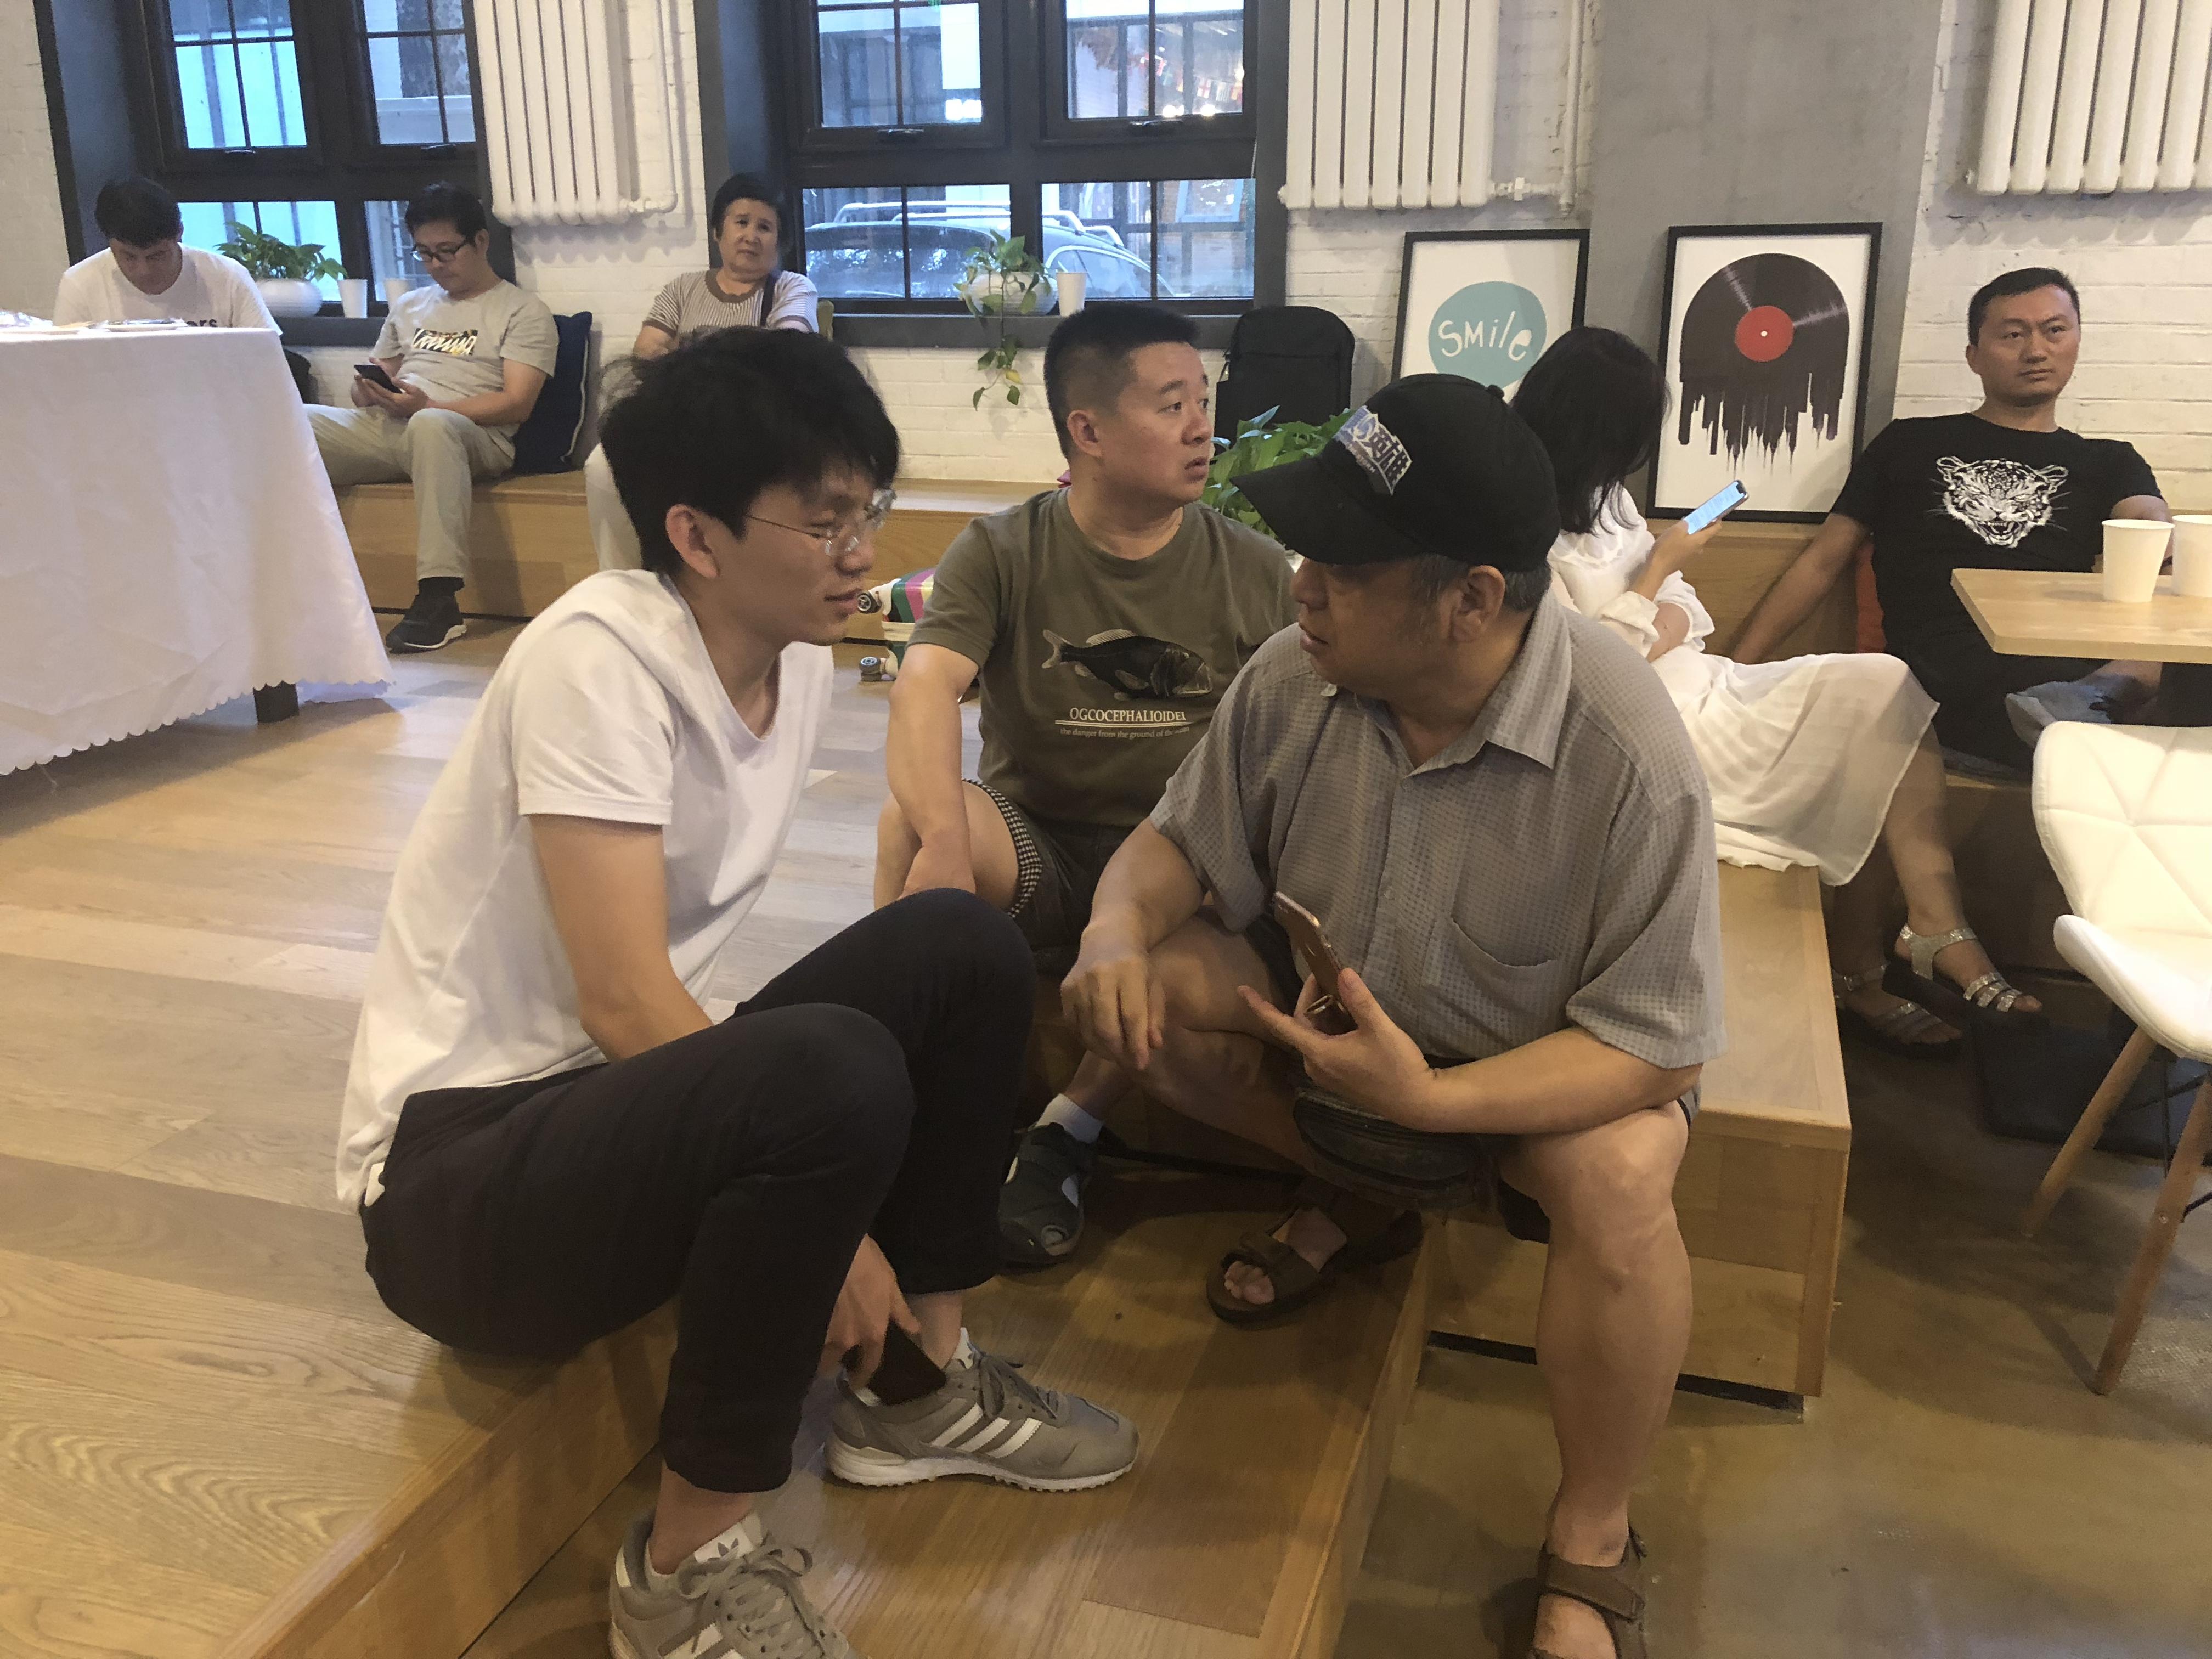 北京交流 (2).jpg